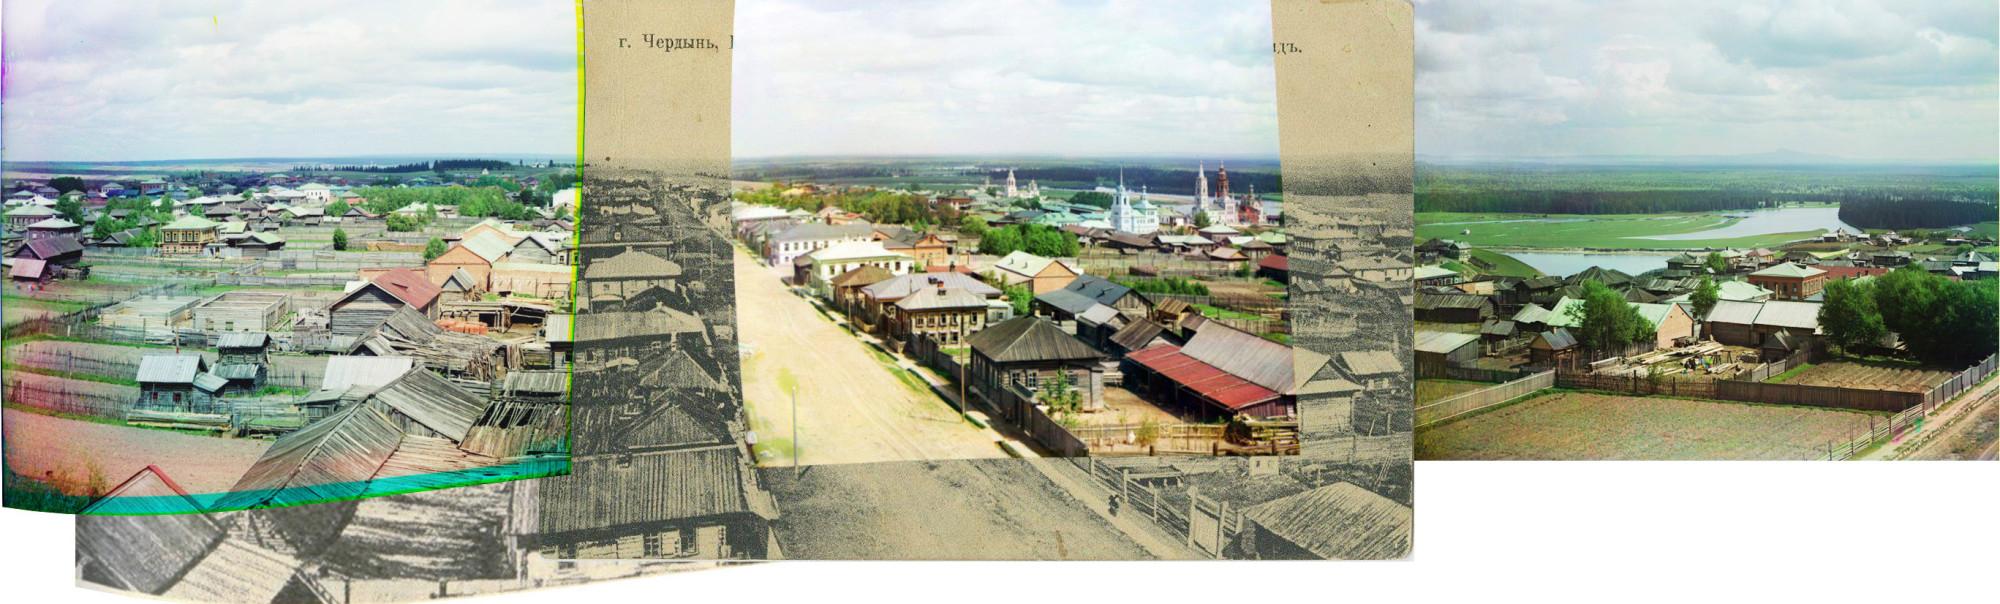 1913 Панорама Чердыни с водонапорной башни